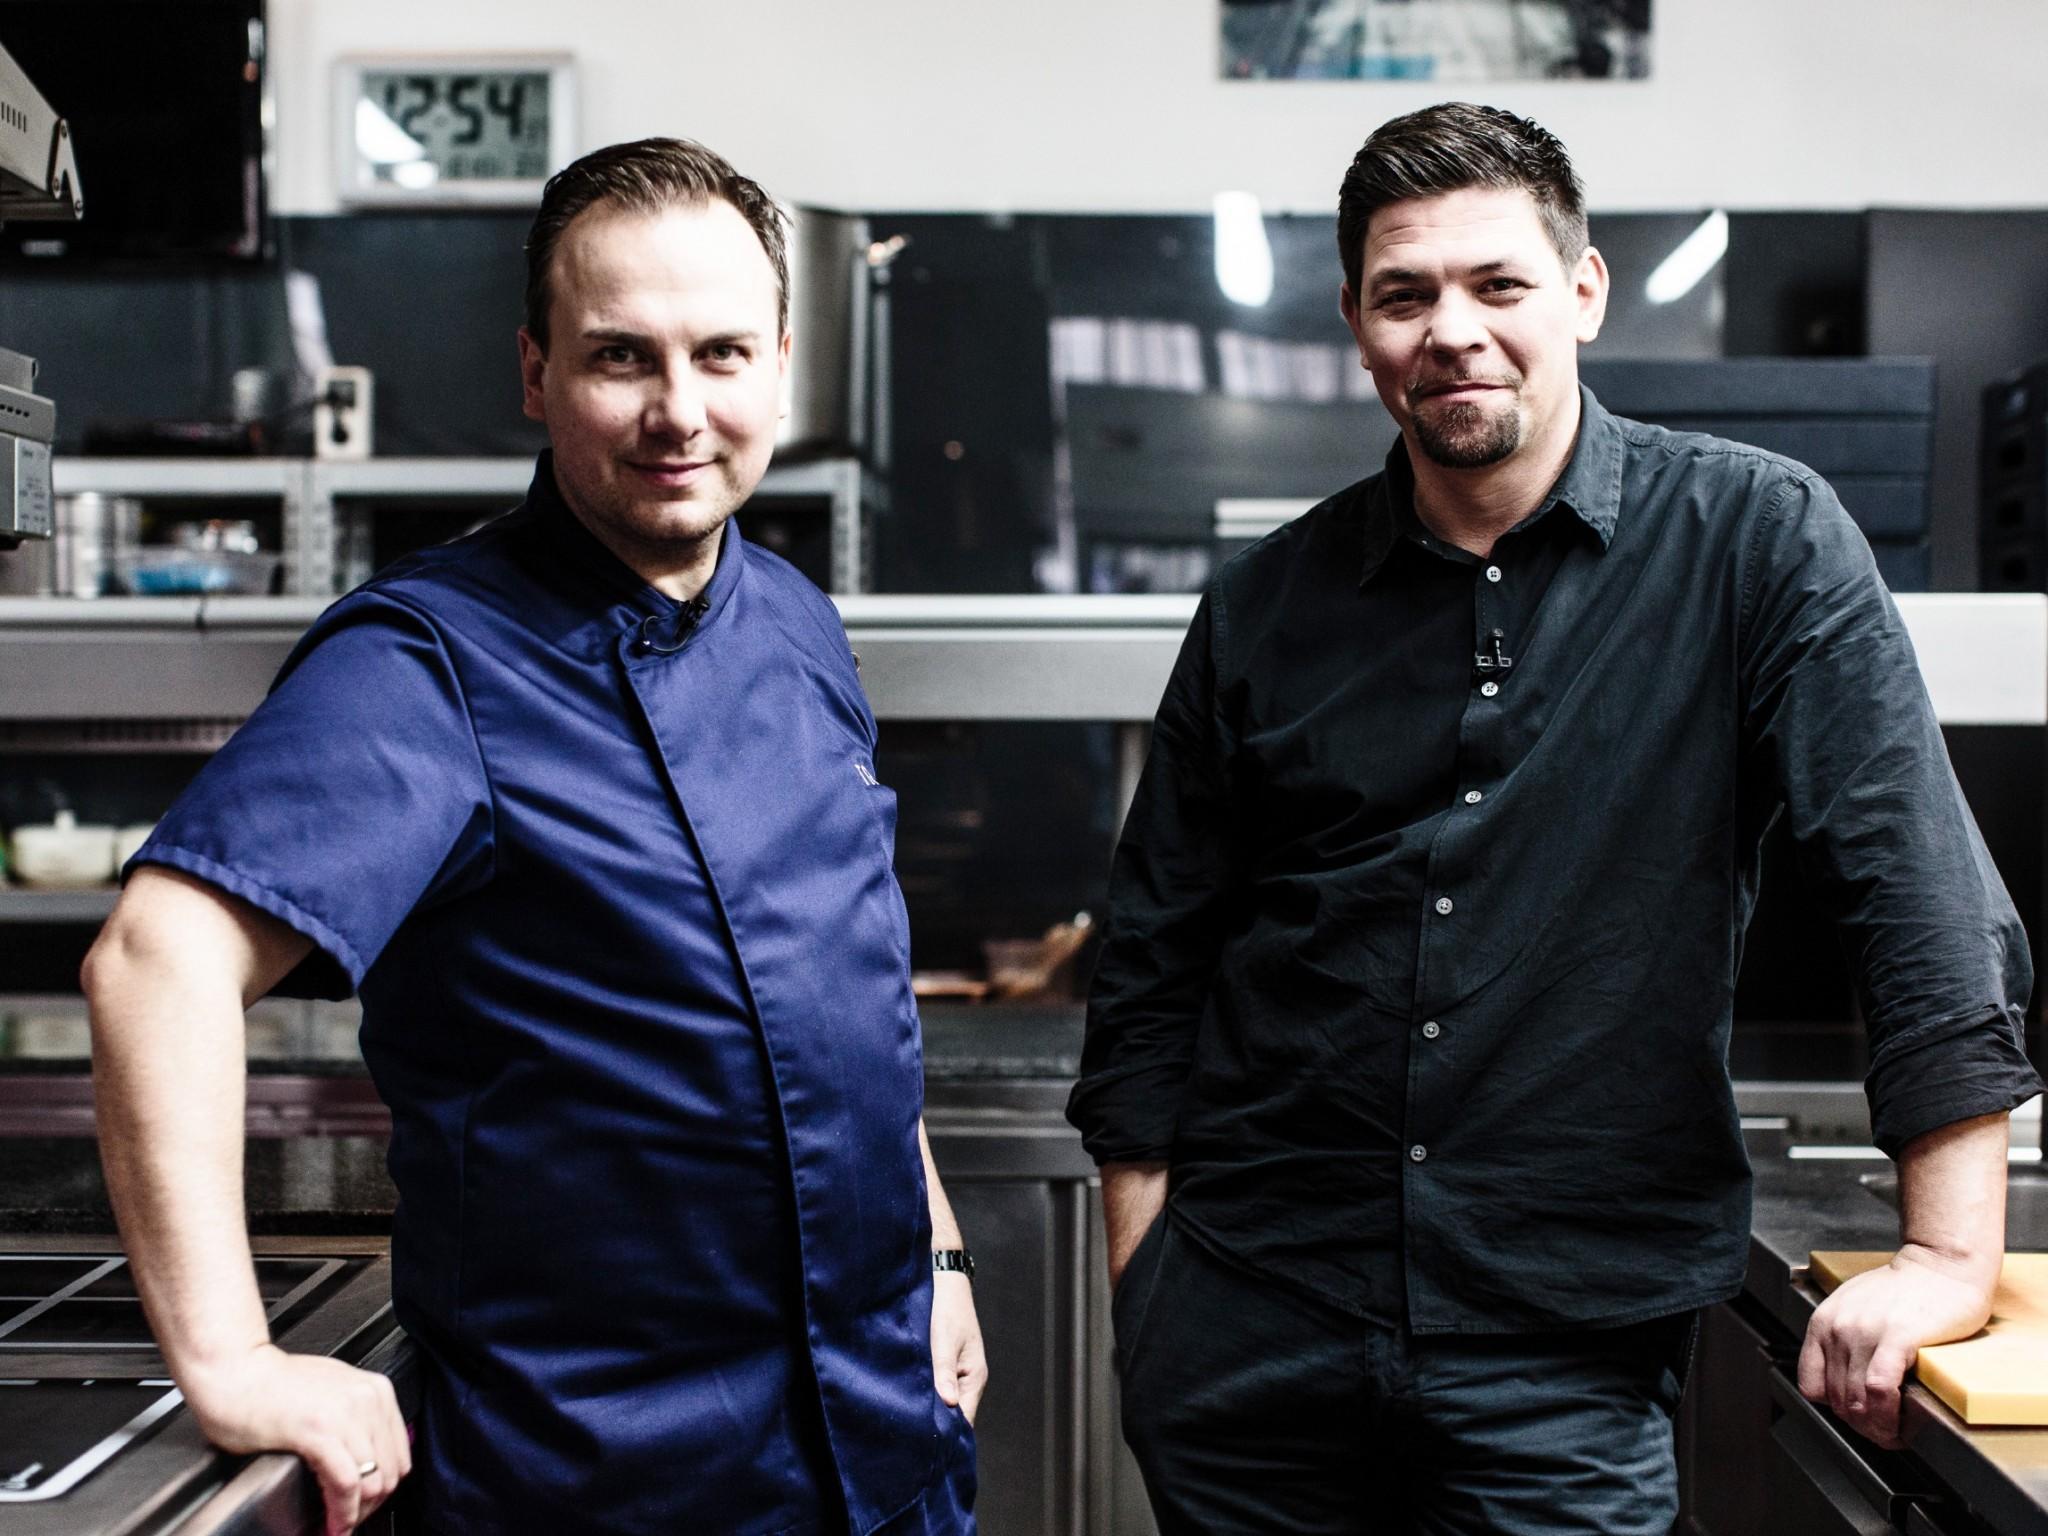 Kitchen Impossible 2017 Das Sind Die Zutaten Der Originalrezepte Aus Dem Duell Tim Malzer Gegen Tim